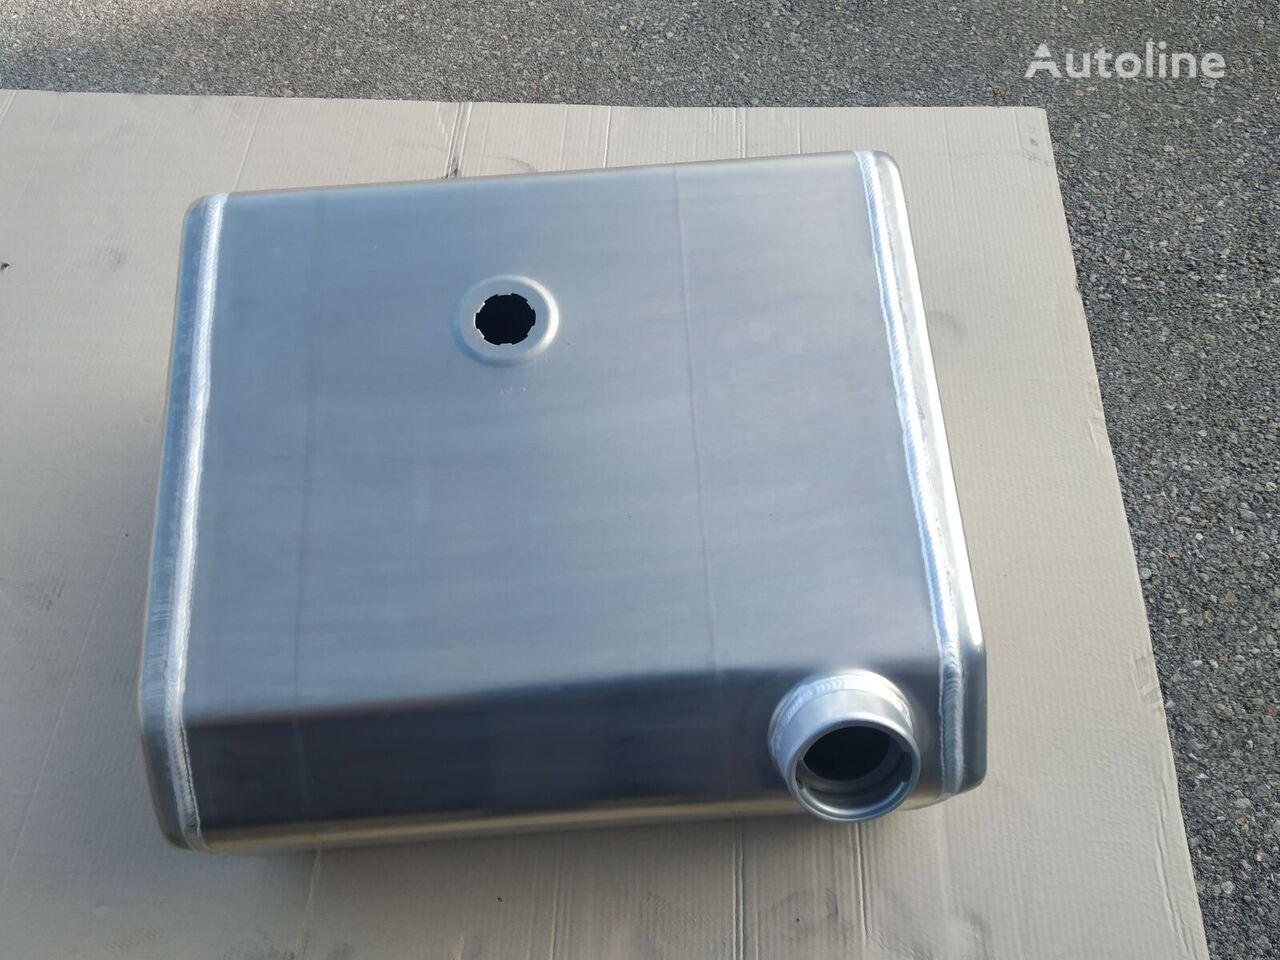 UNIMOG U1300L (A 4354701501) depósito de combustible para UNIMOG U1300L camión nuevo